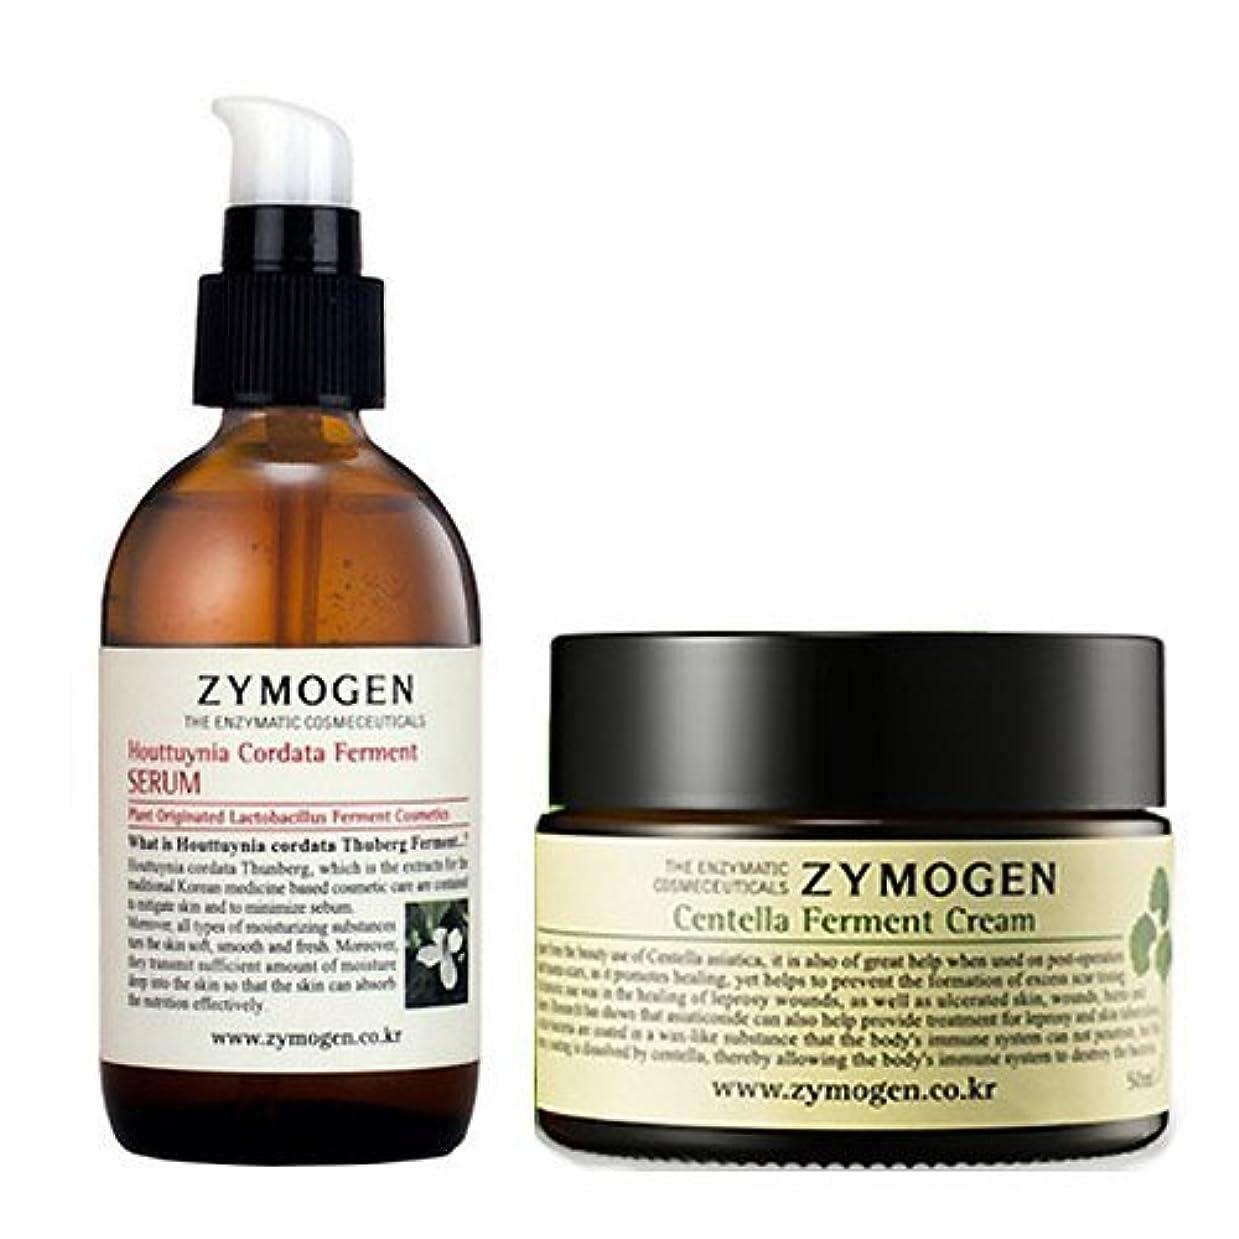 緑掻く宇宙飛行士ザイモゲン(ZYMOGEN) 発酵 2種セット [海外直送品][並行輸入品] ZYMOGEN Centella Ferment Cream 50g+ Ferment Houttunia Cordata Extract Serum...